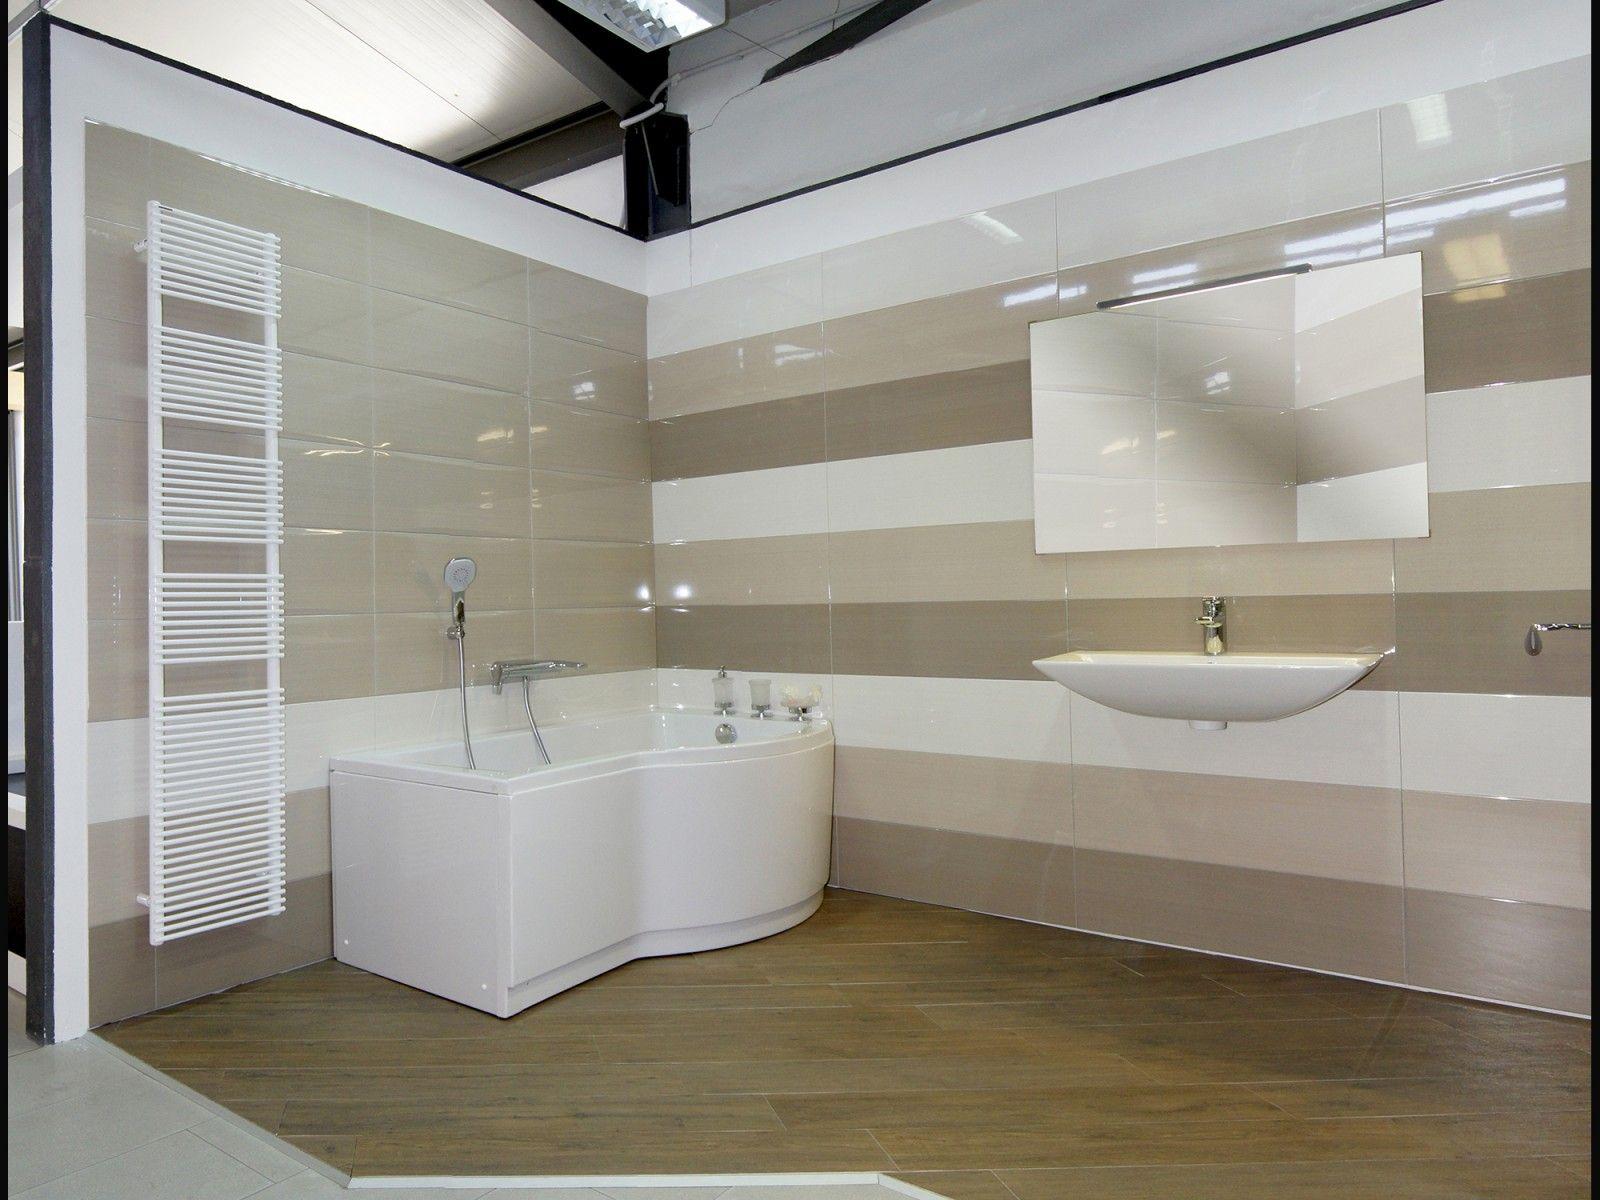 Bagno minimal moderno contemporaneo con rivestimento parete gradenia orchieda collezione linear - Bagno rivestimento moderno ...